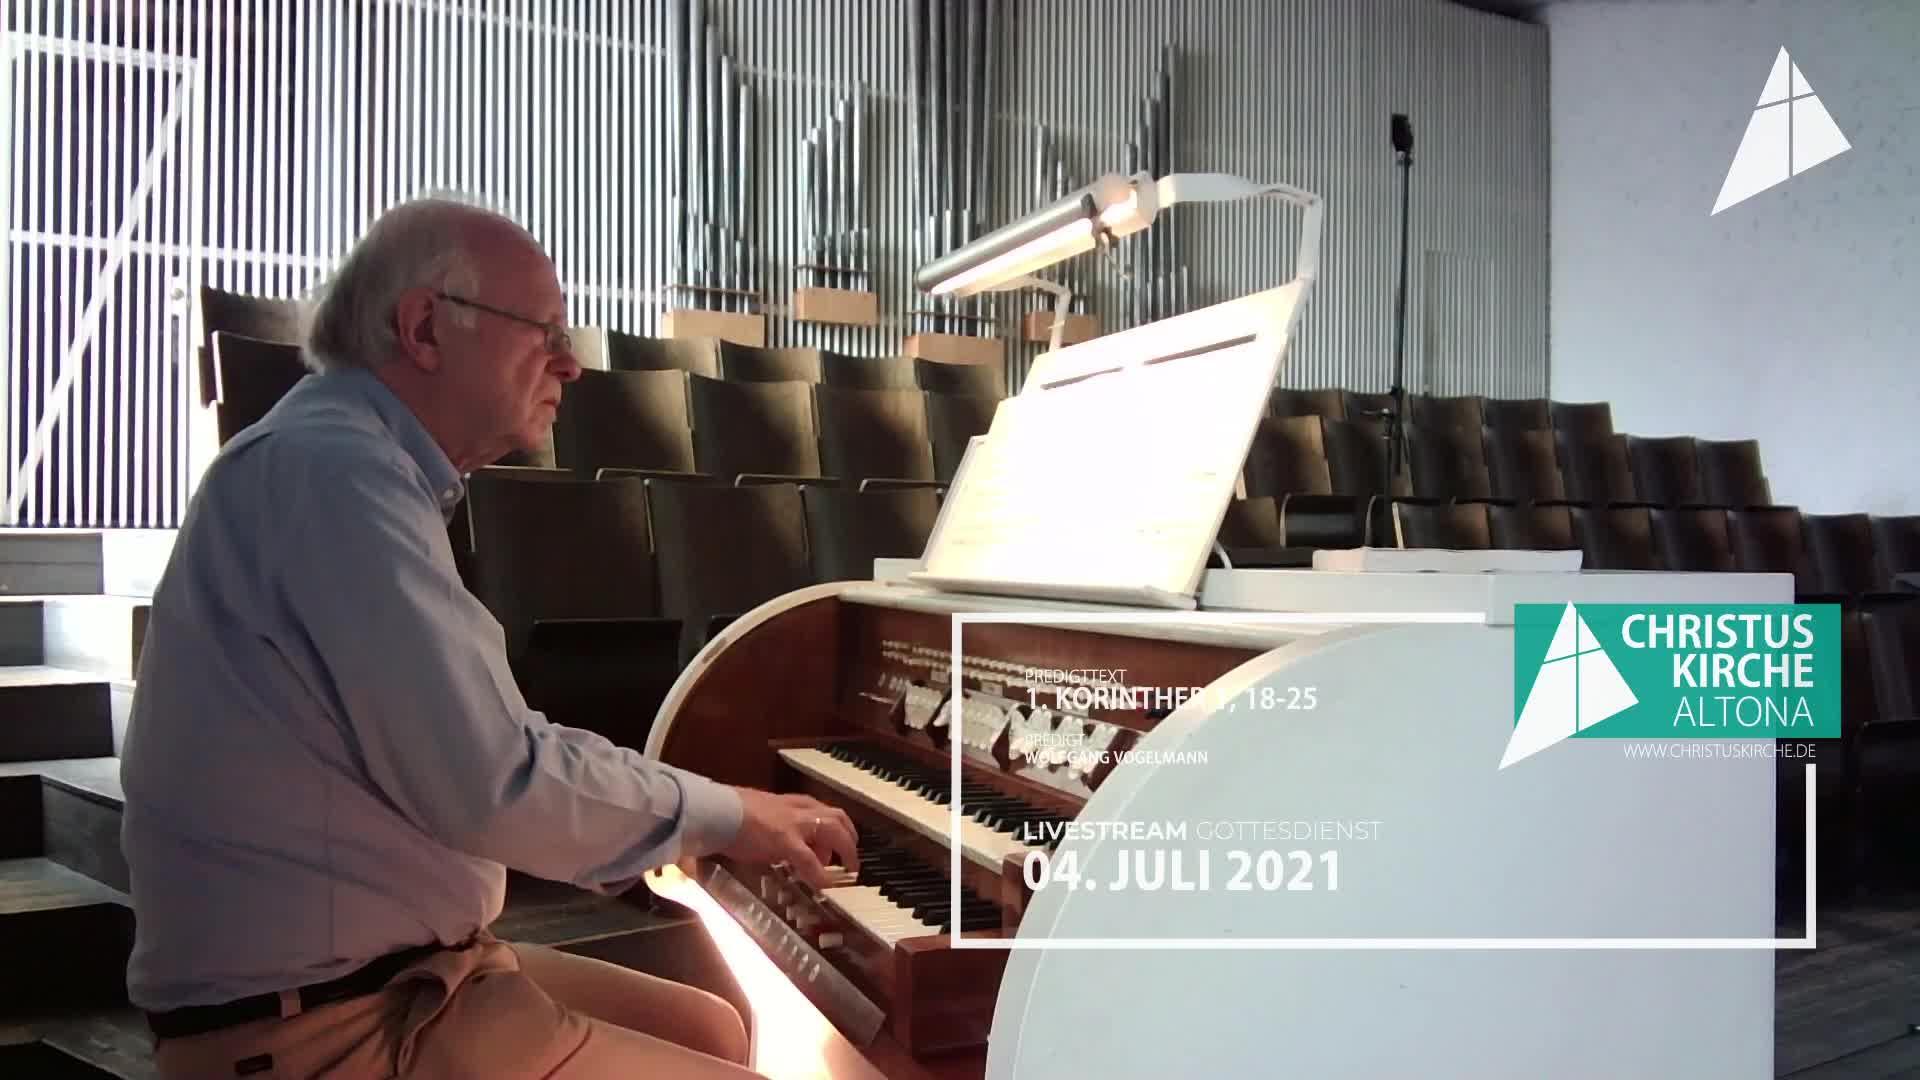 Gottesdienst - am 4. Juli - Livestream aus der Christuskirche Altona